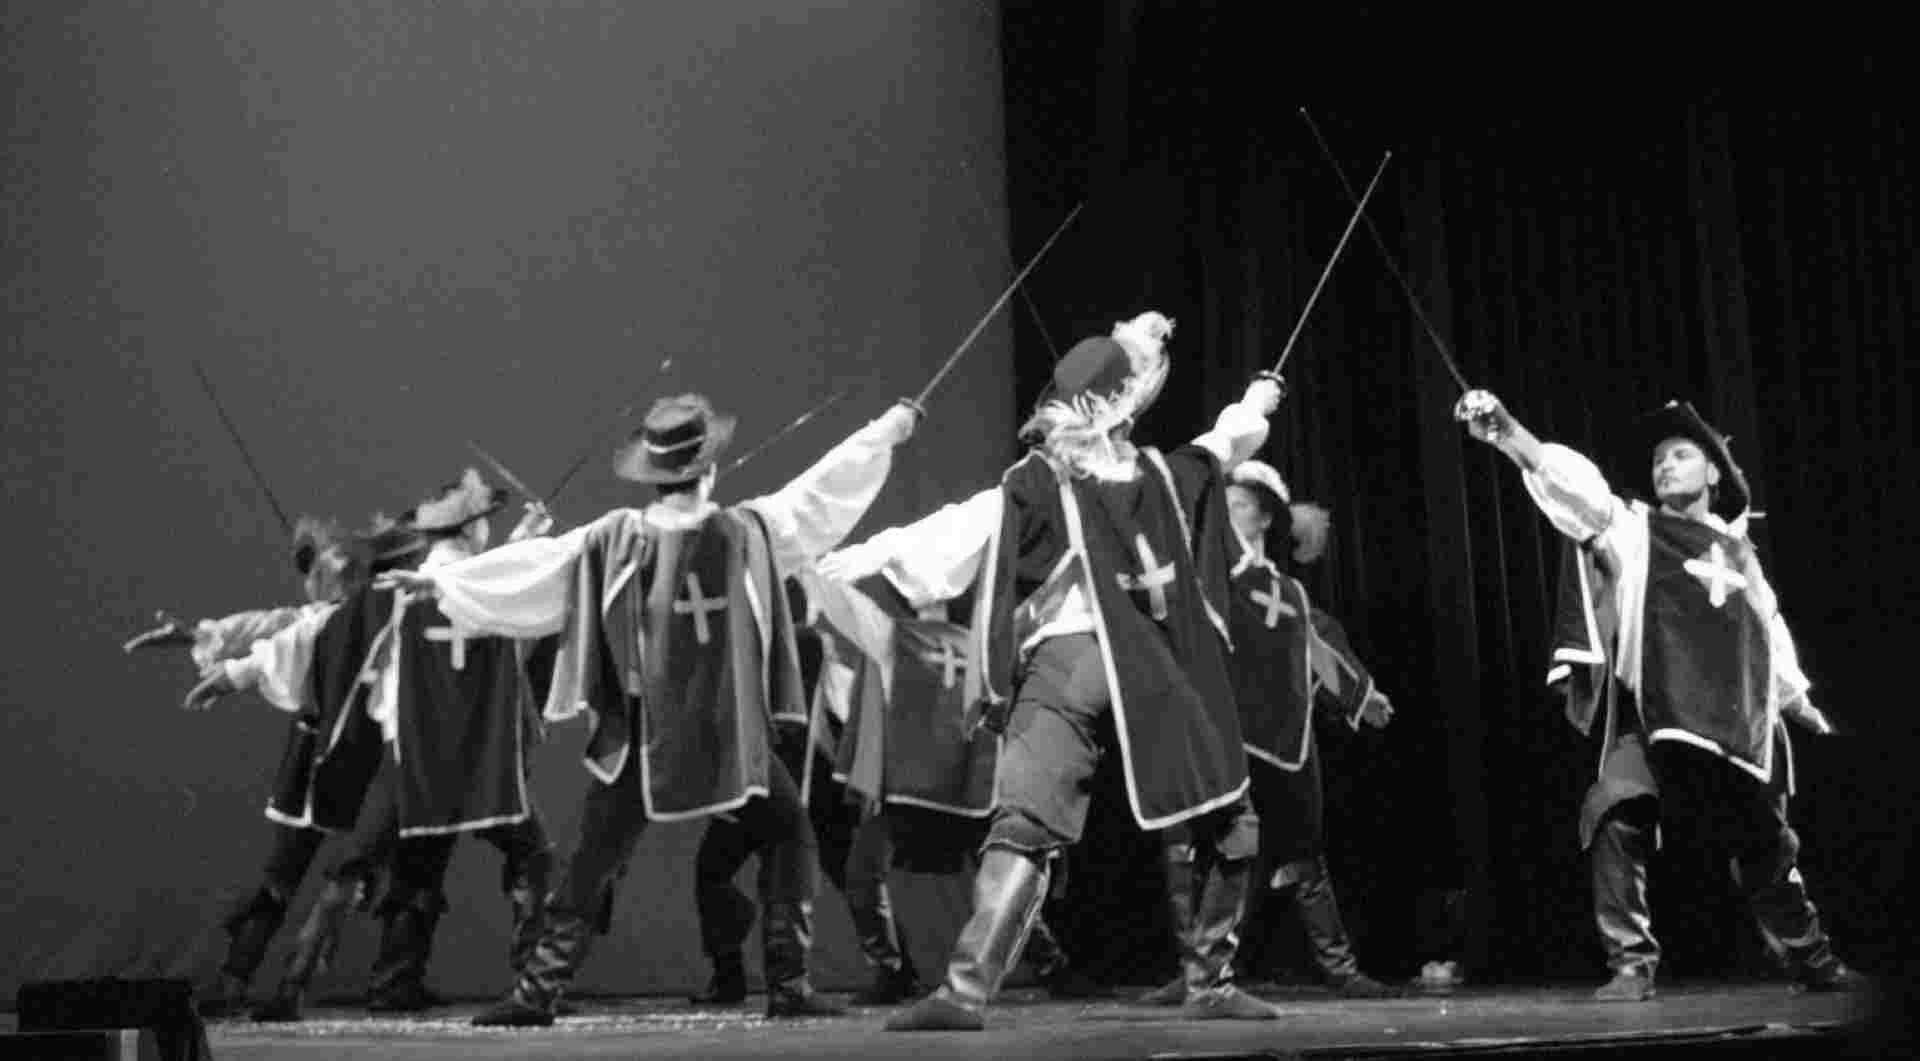 spectacle de mousquetaires de d'artagnan